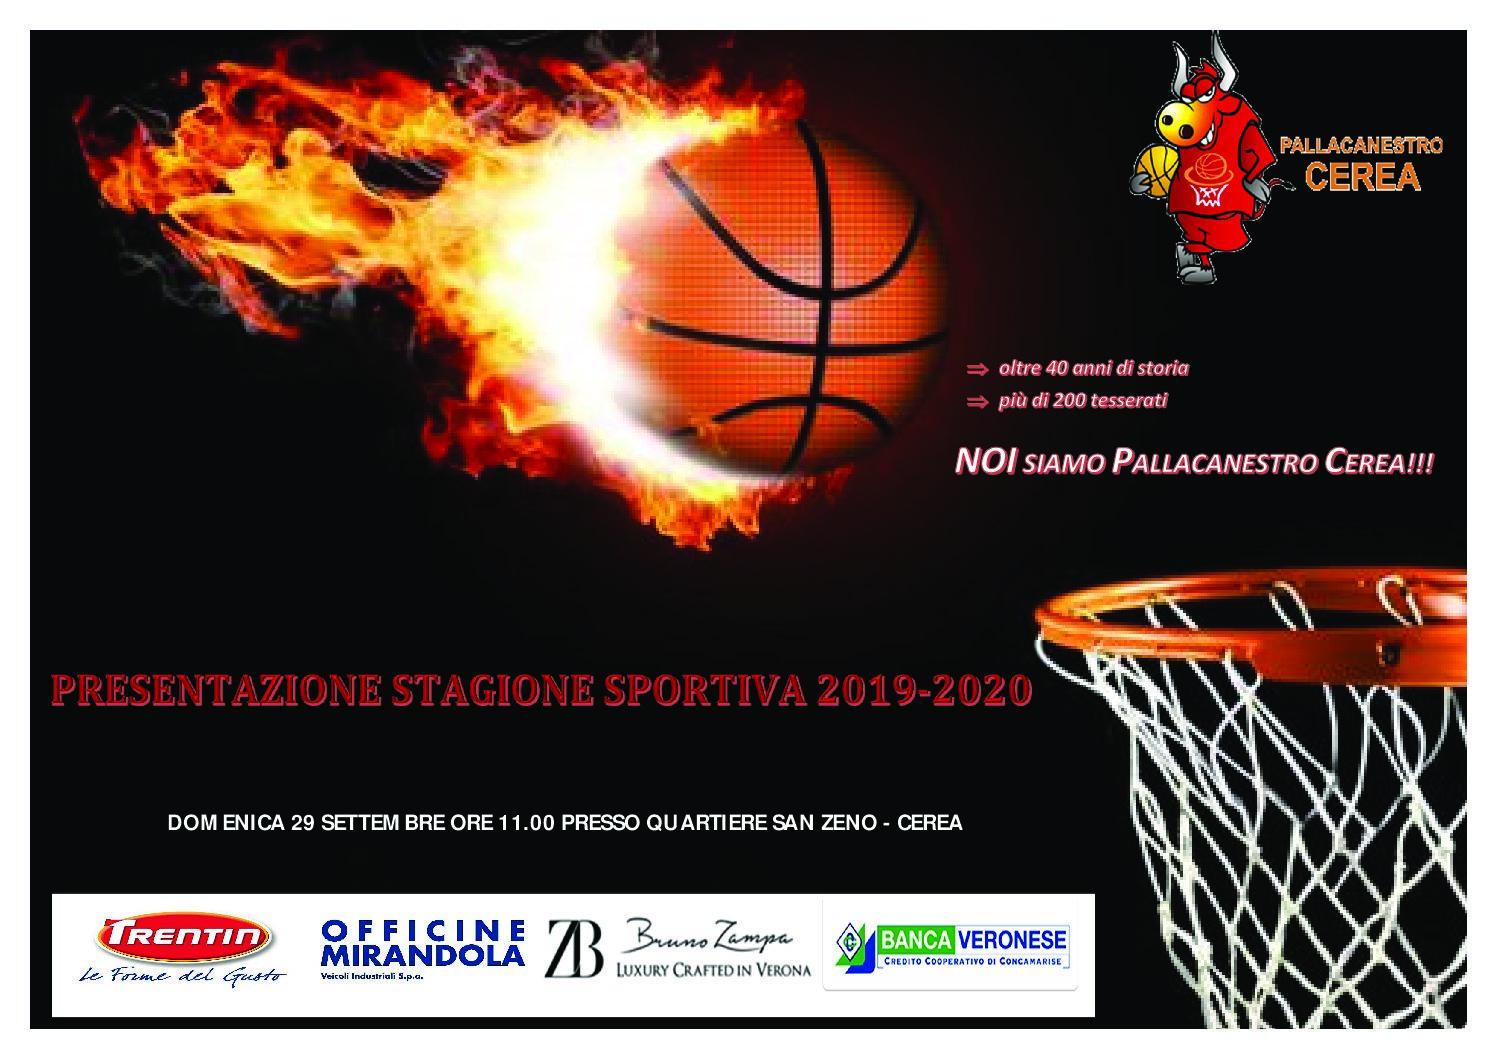 PRESENTAZIONE STAGIONE SPORTIVA 2019-2020